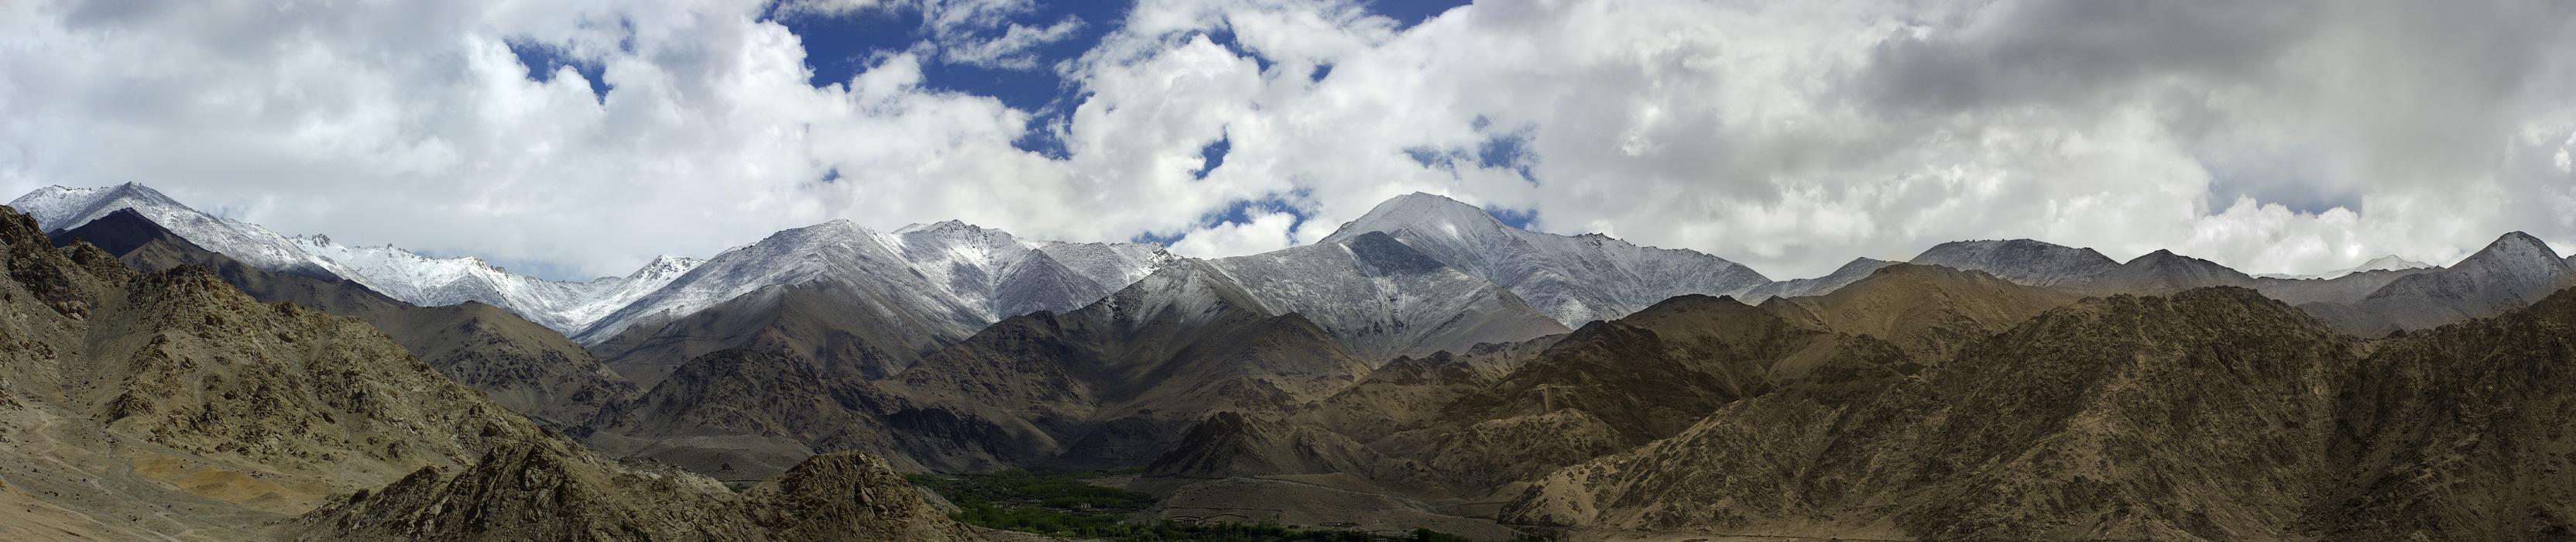 Ладакх, вид на долину Ле. Панорамы Гималаев